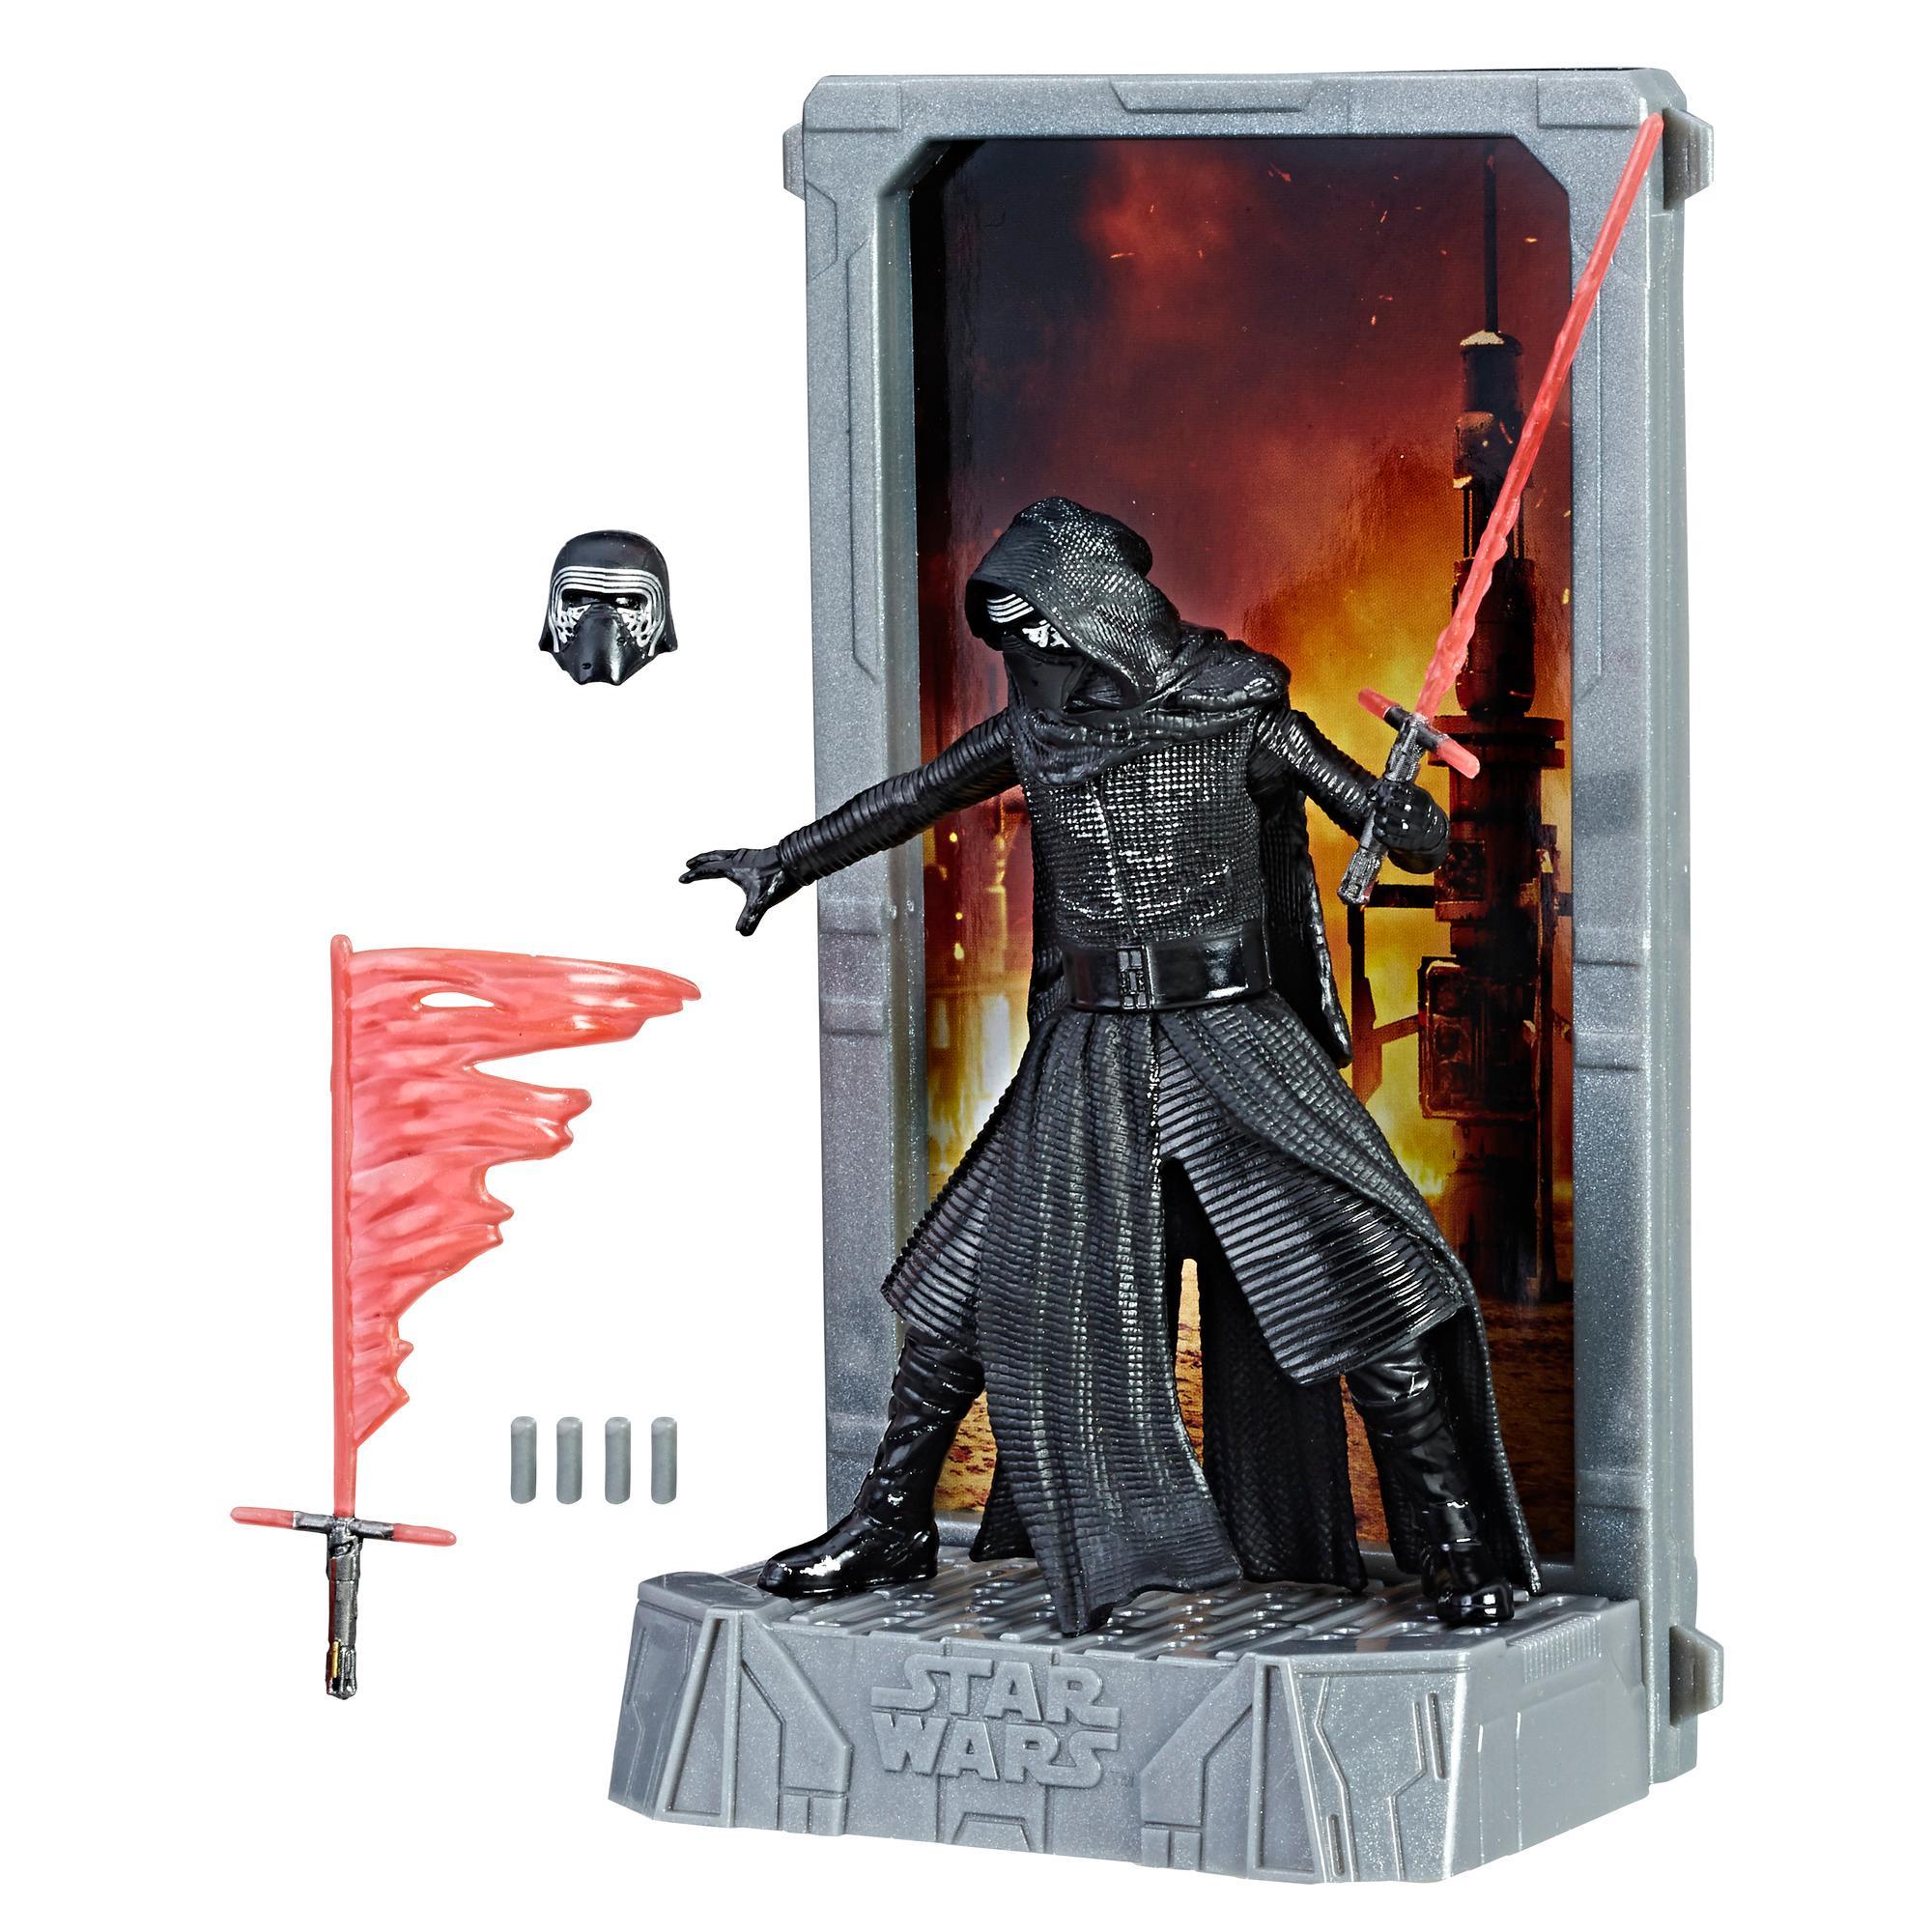 Star Wars Série noire Série Titanium - Figurine Kylo Ren